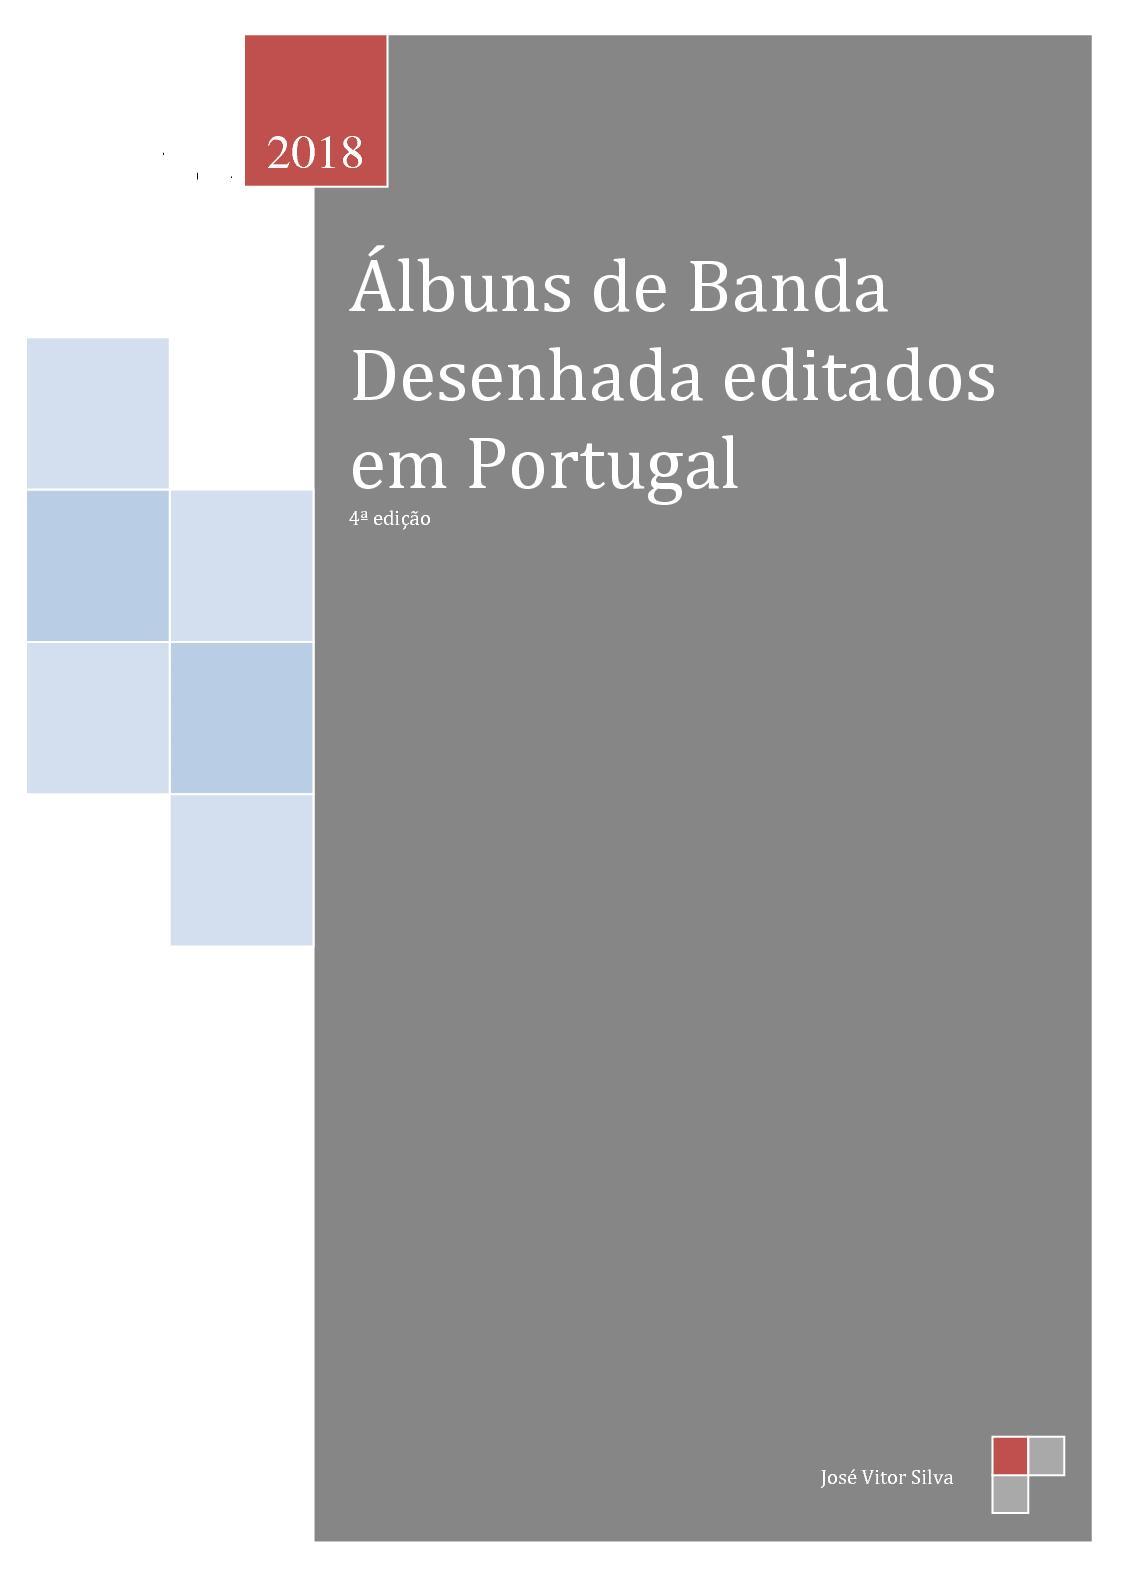 68c1ba27de3dd Calaméo - Albuns de BD editados em Portugal - Edição de 2018